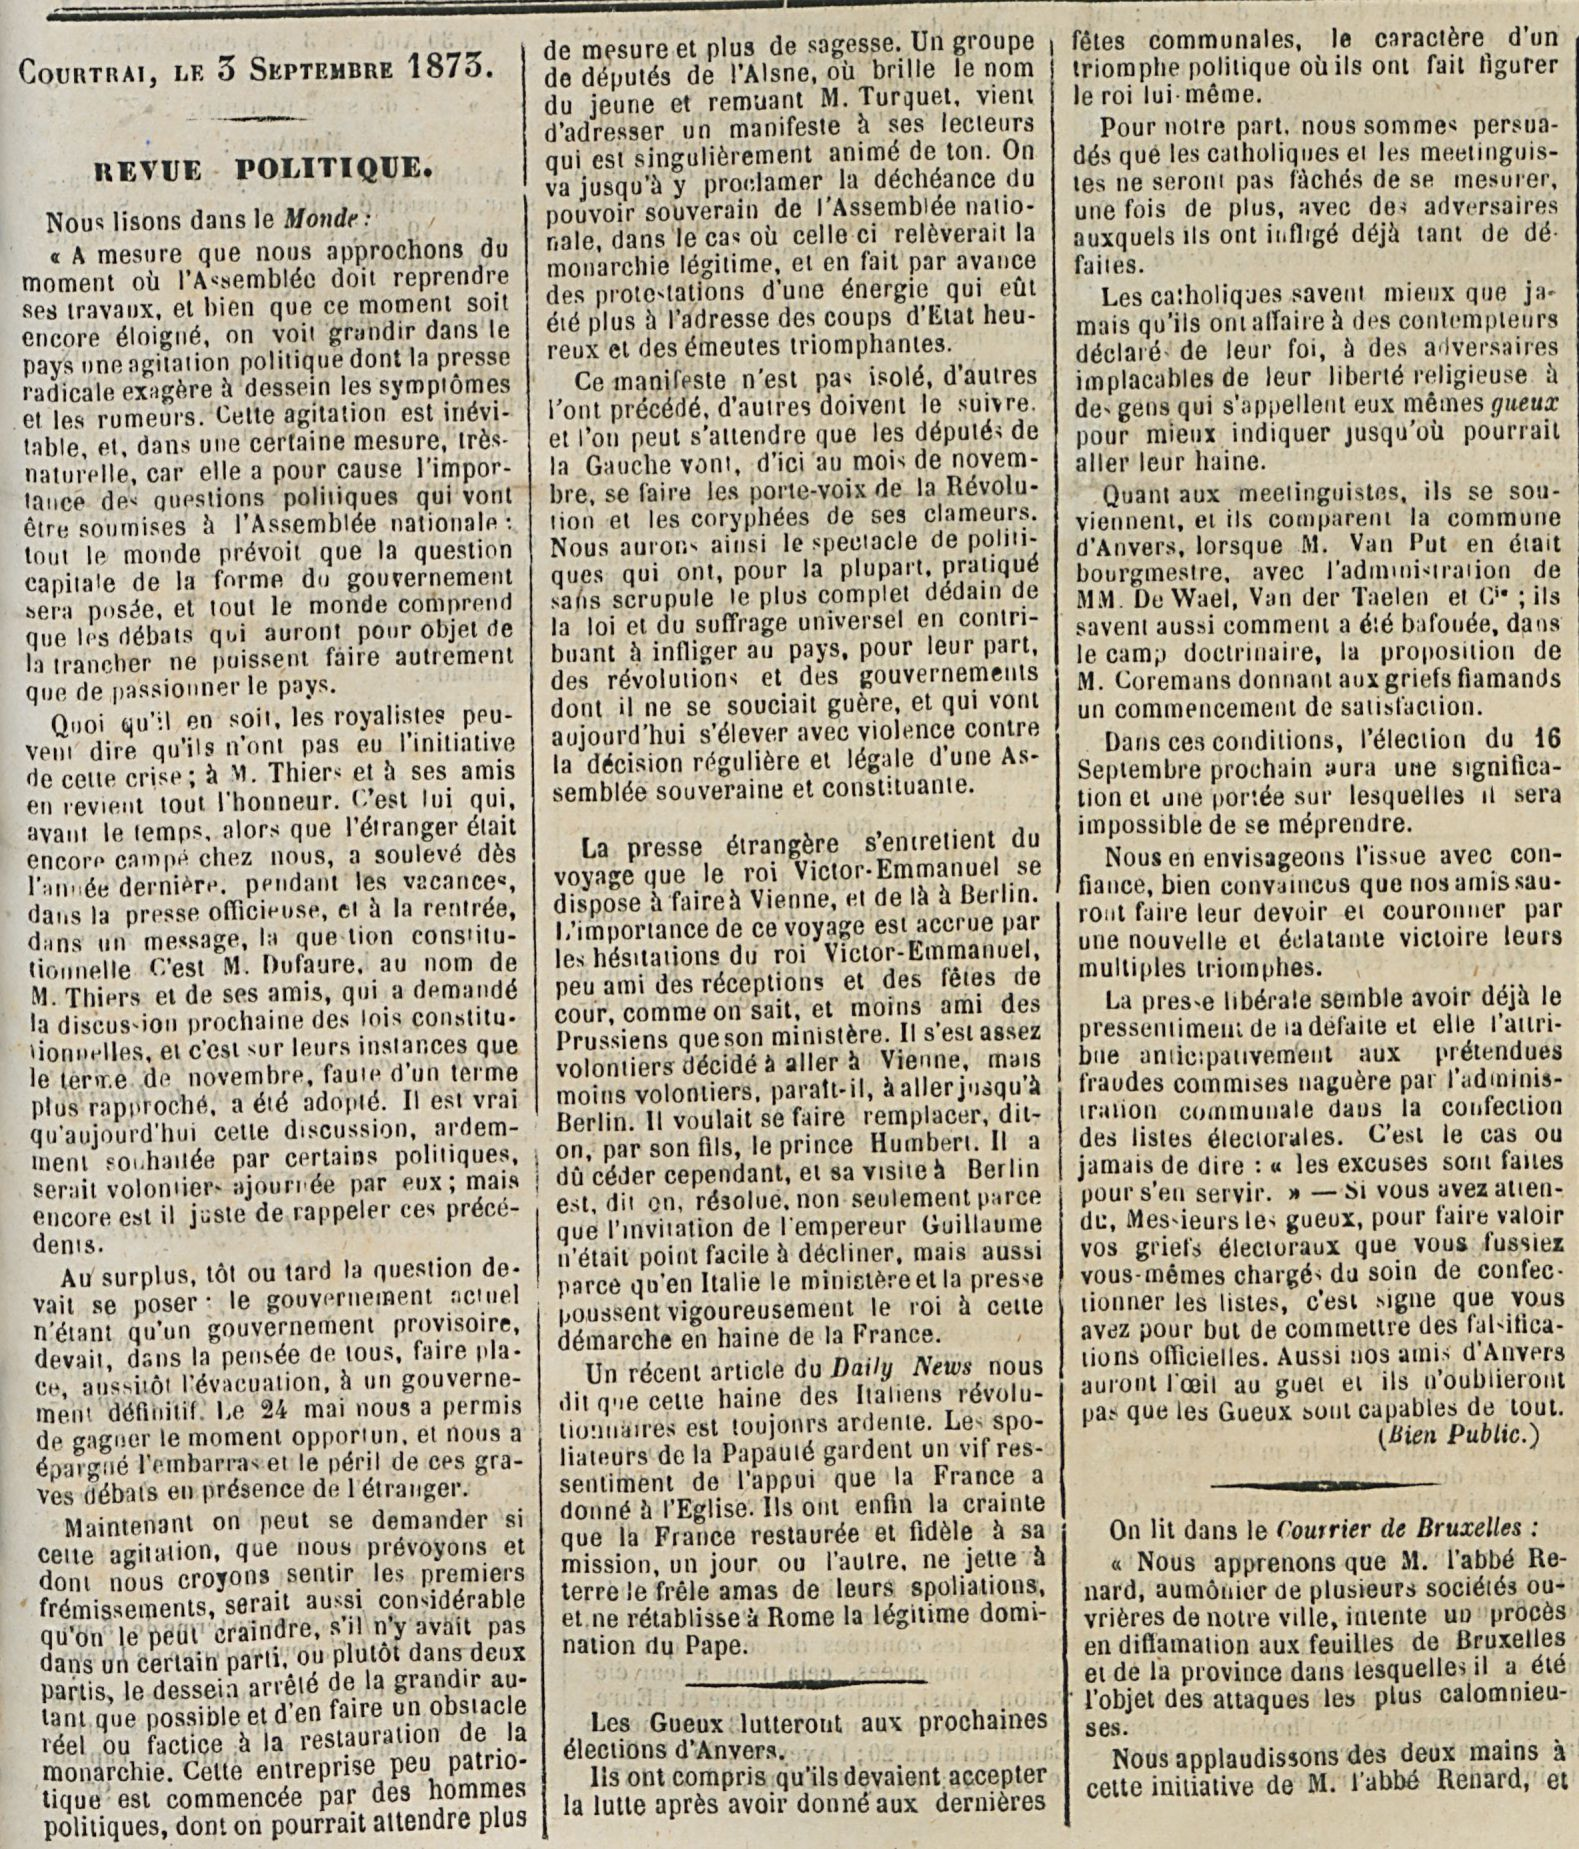 REVUE POLITIQUE-1